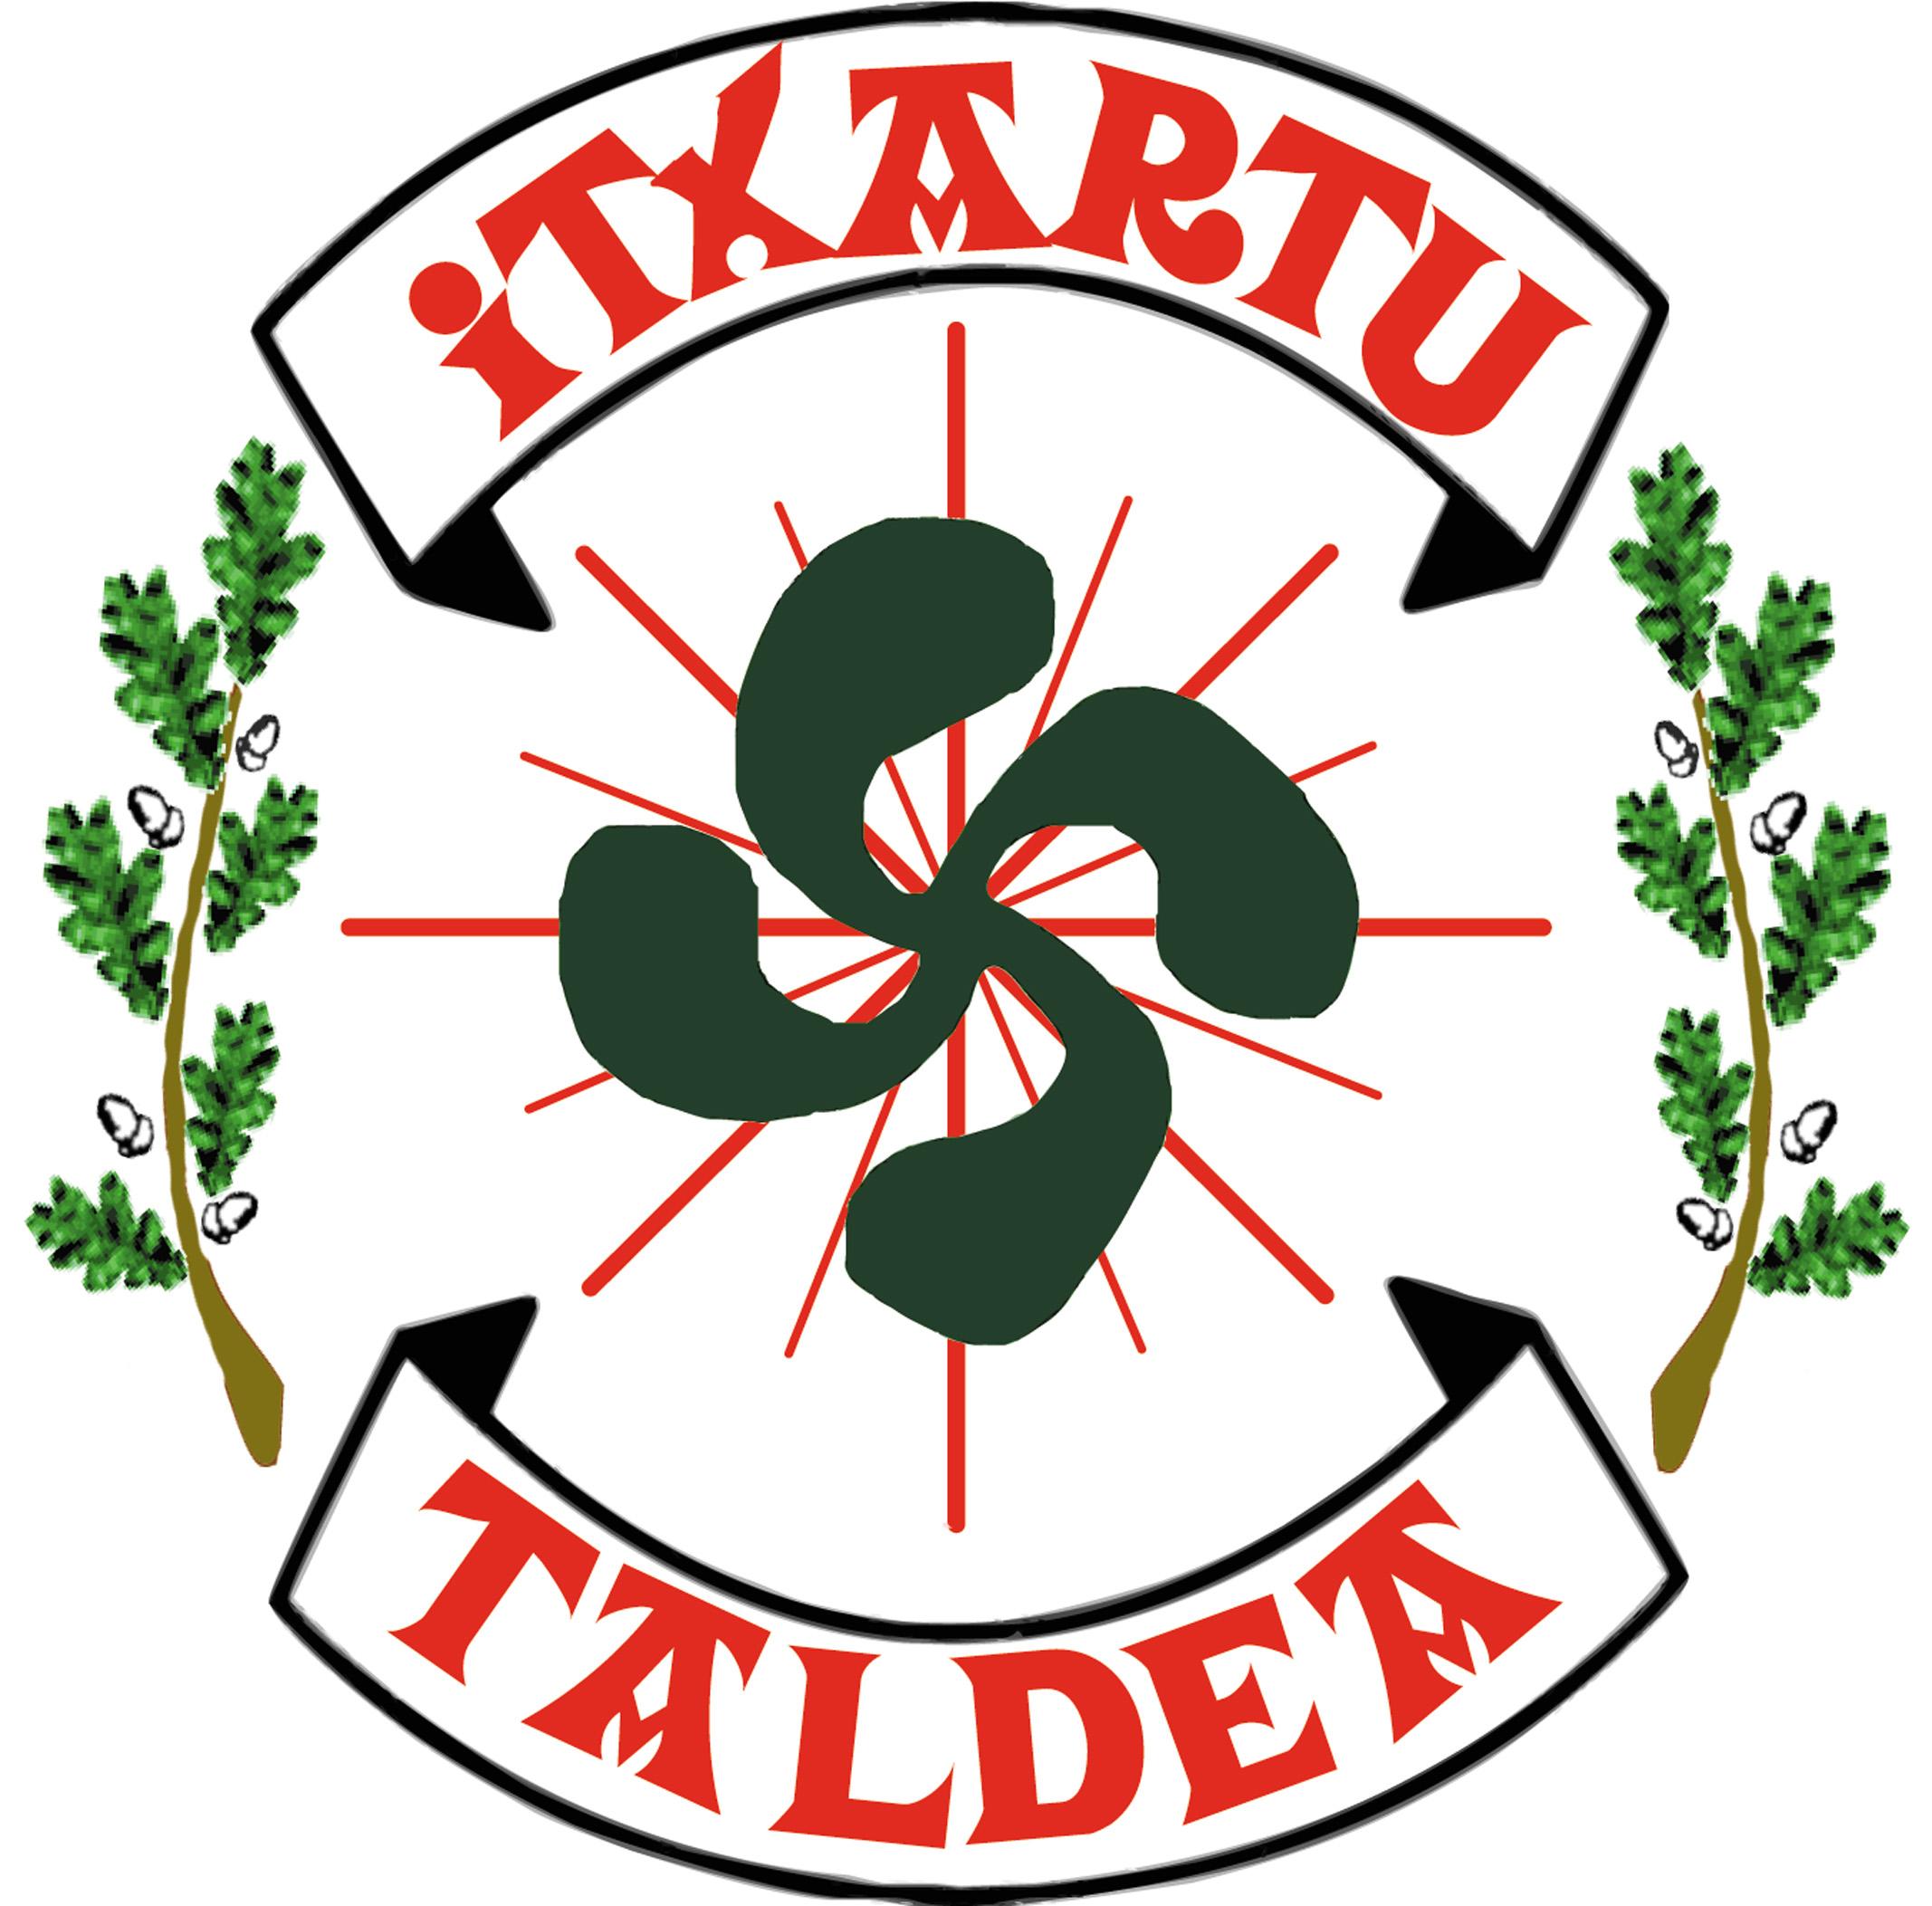 Itxartu Taldea